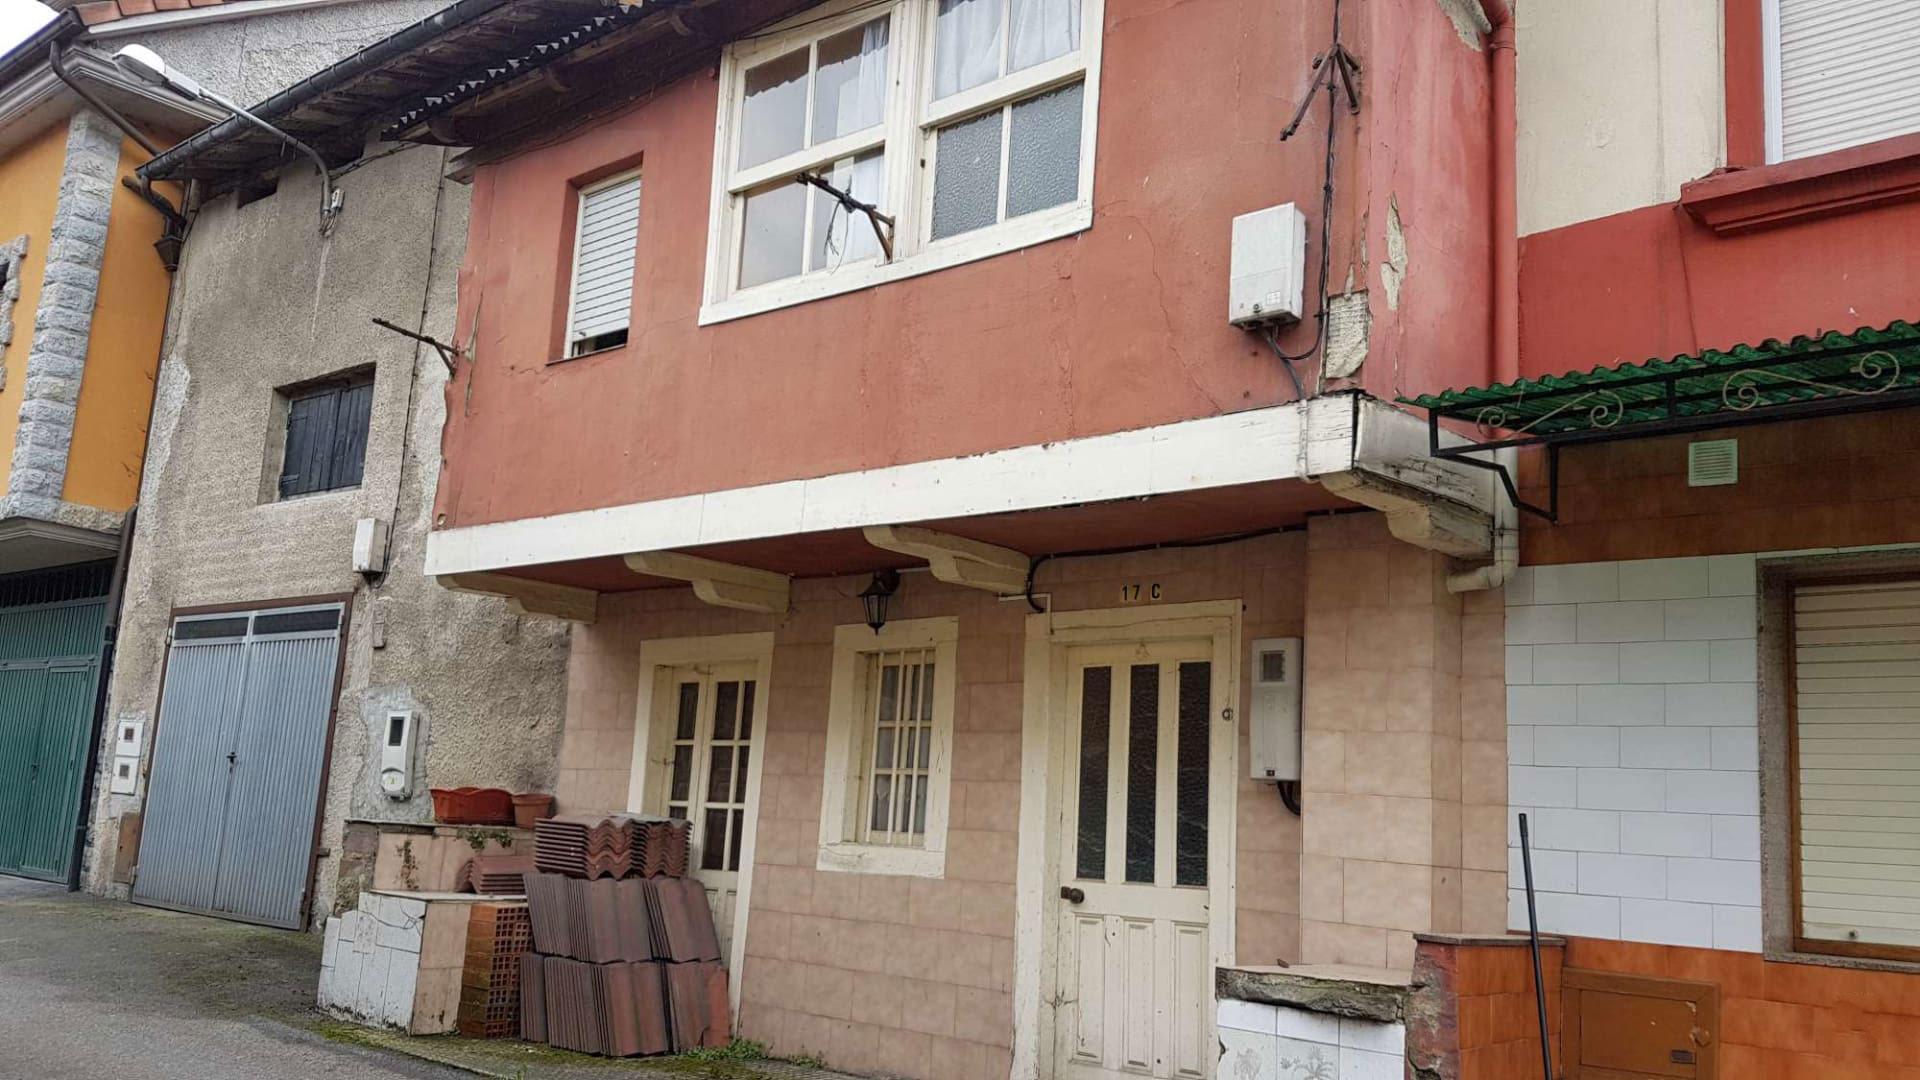 Casa en venta en Los Barreros/barredos, Gozón, Asturias, Calle Villoria, 31.532 €, 3 habitaciones, 1 baño, 86 m2